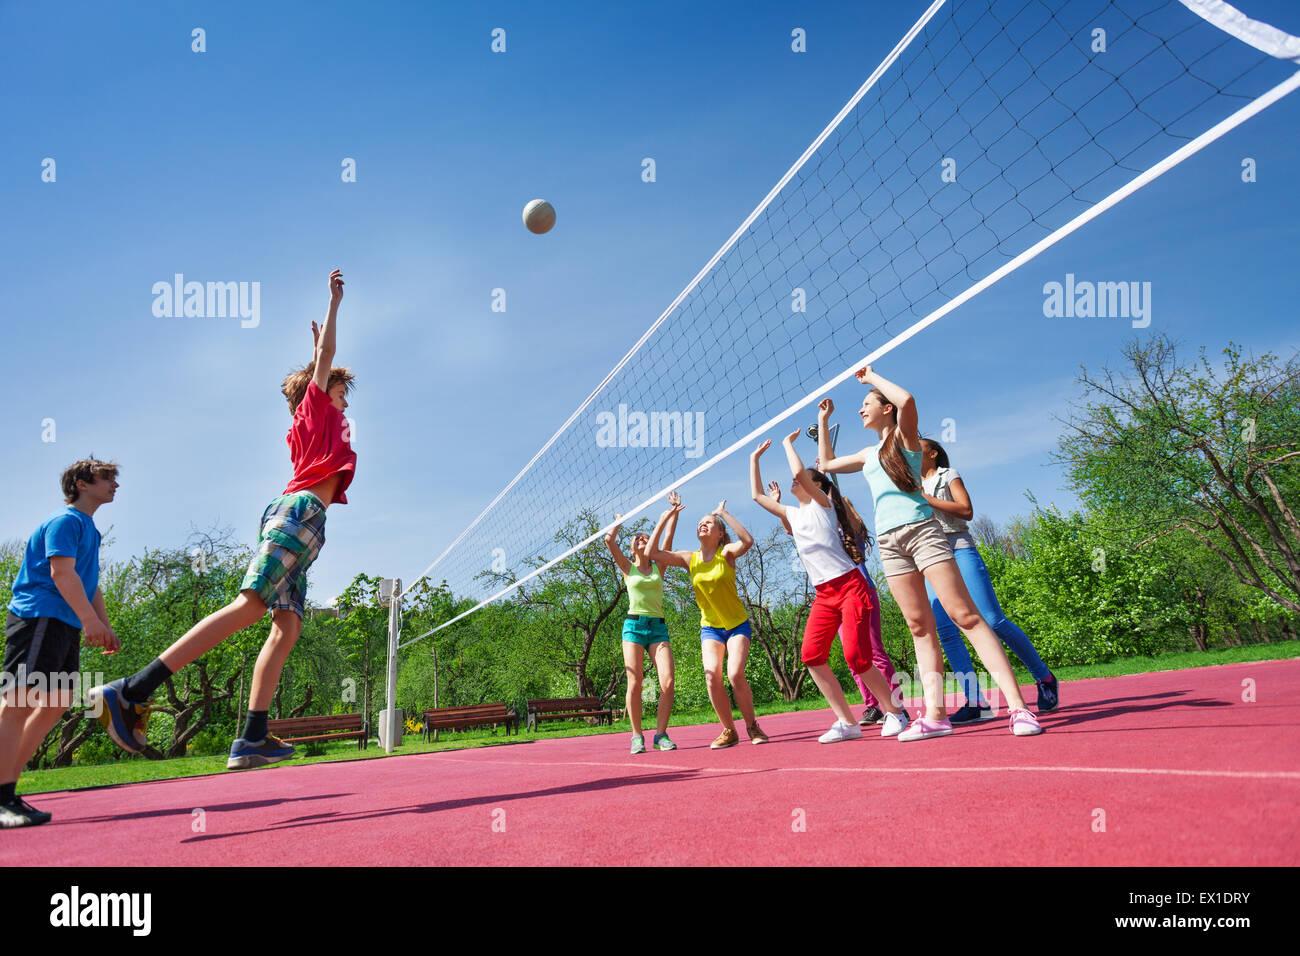 Jugendliche spielen Volleyball-Spiel auf Spielplatz Stockbild